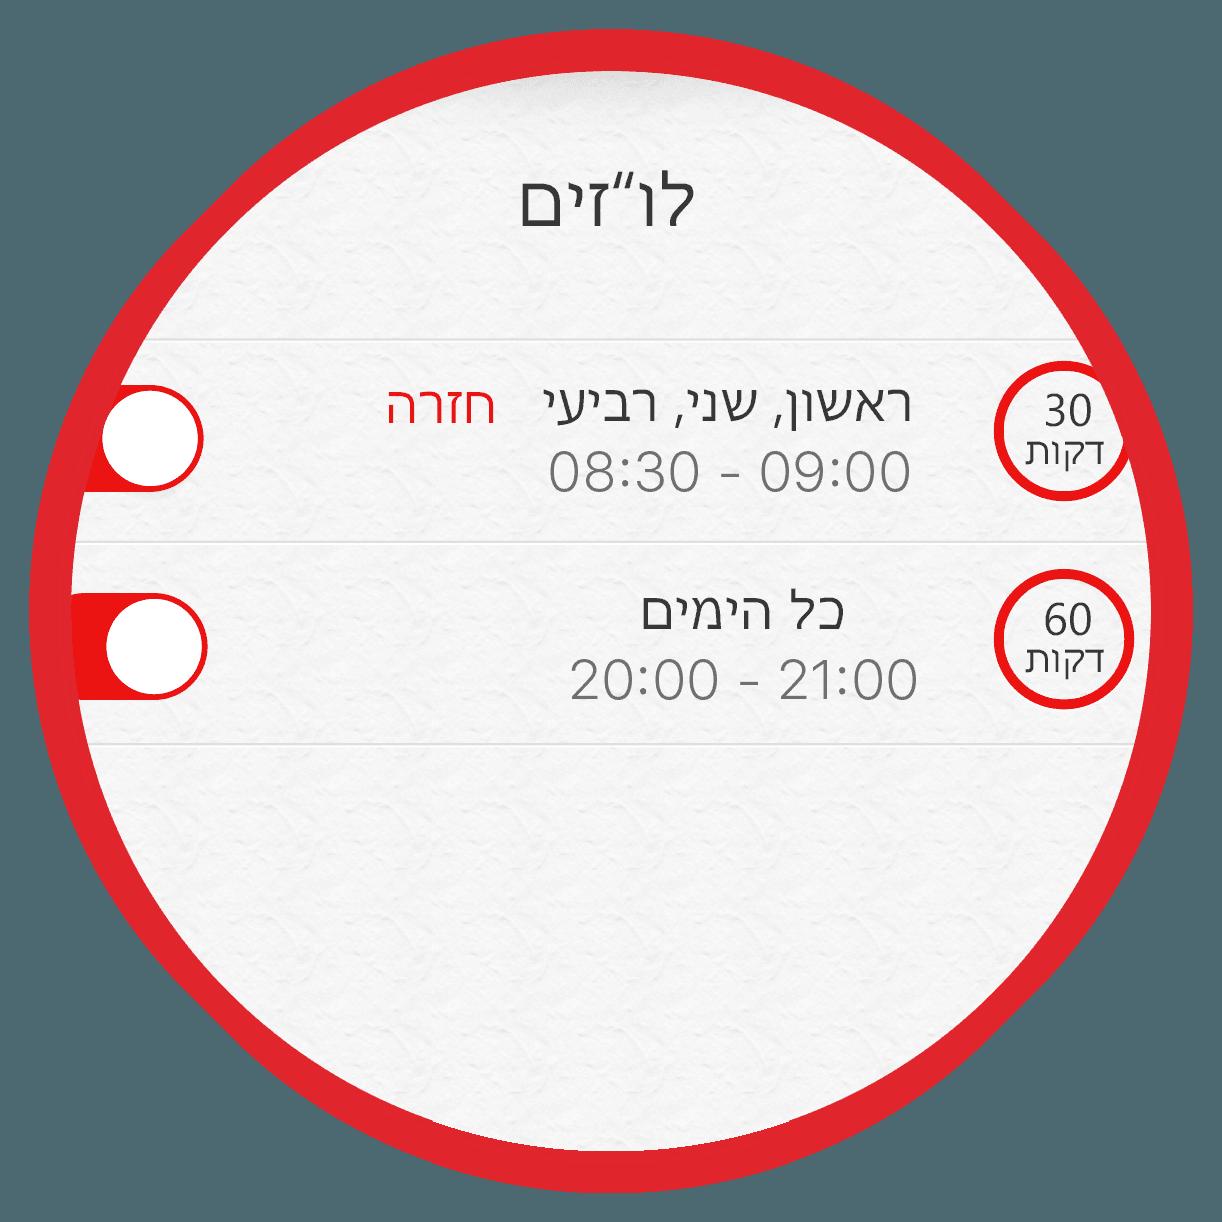 לוח זמנים אפליקציה סוויצ'ר